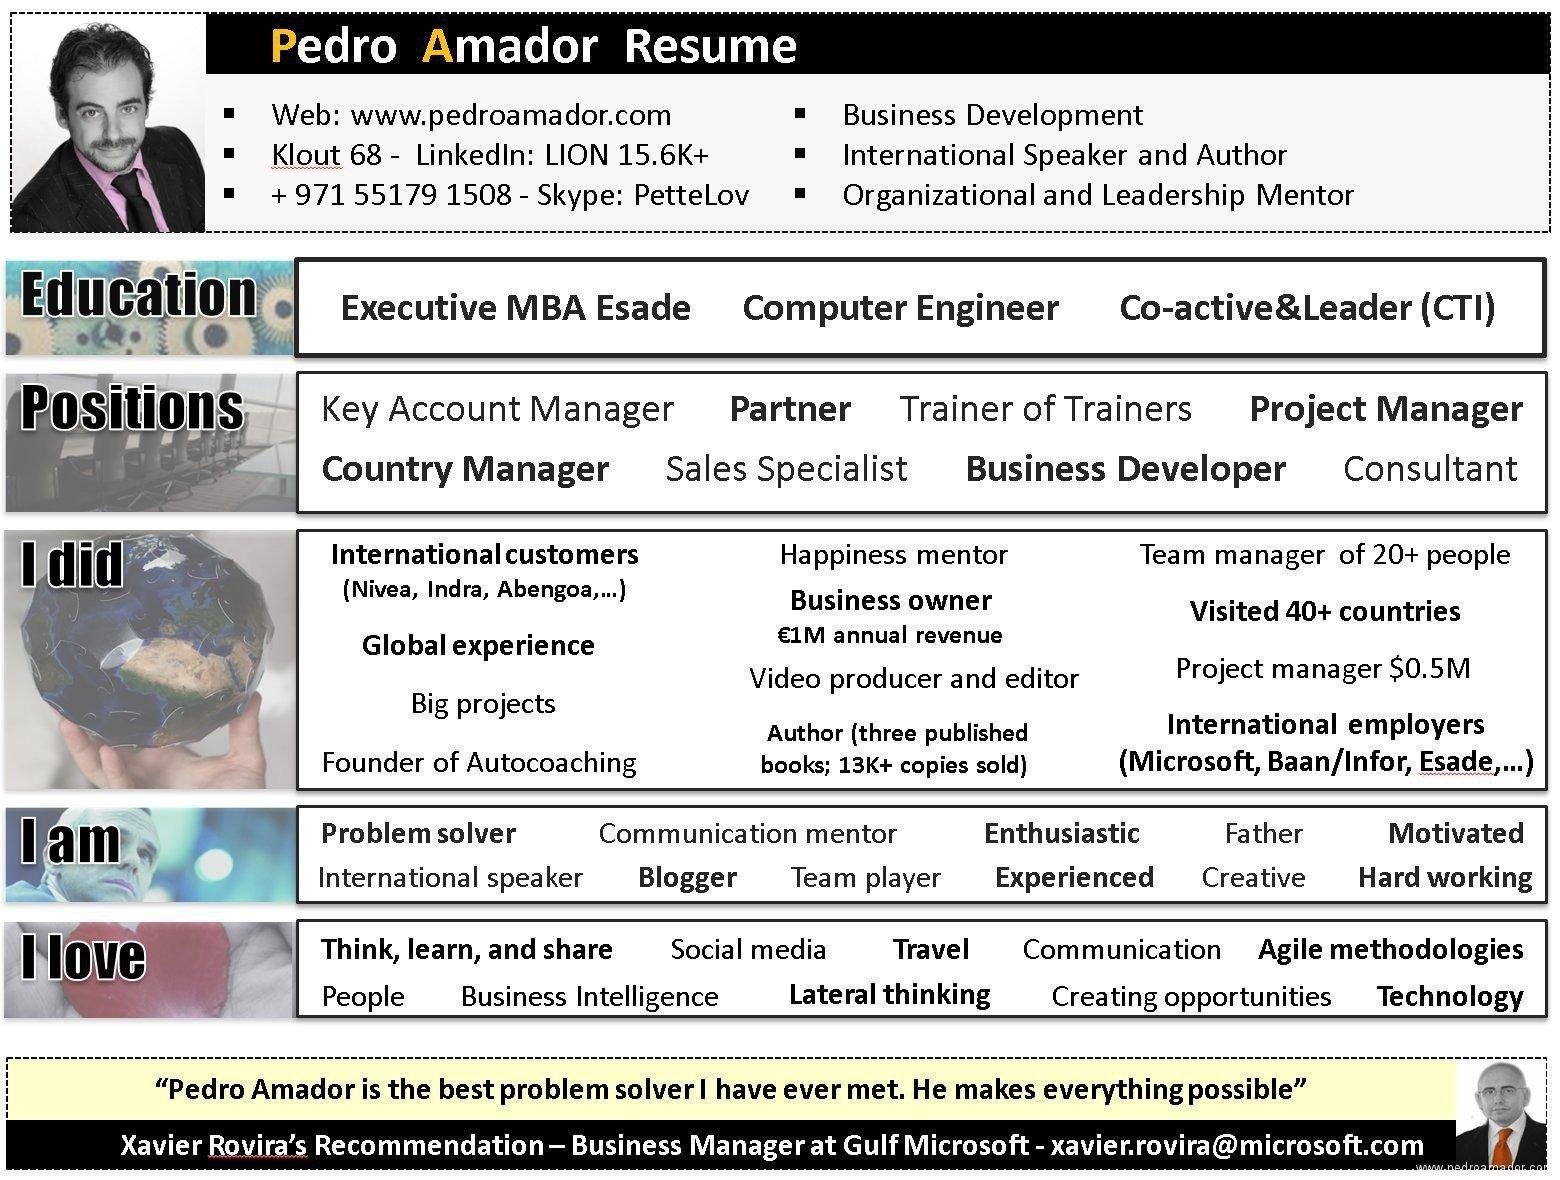 CV Pedro Amador - Cómo hacer un currículum moderno para una sociedad moderna ⭐